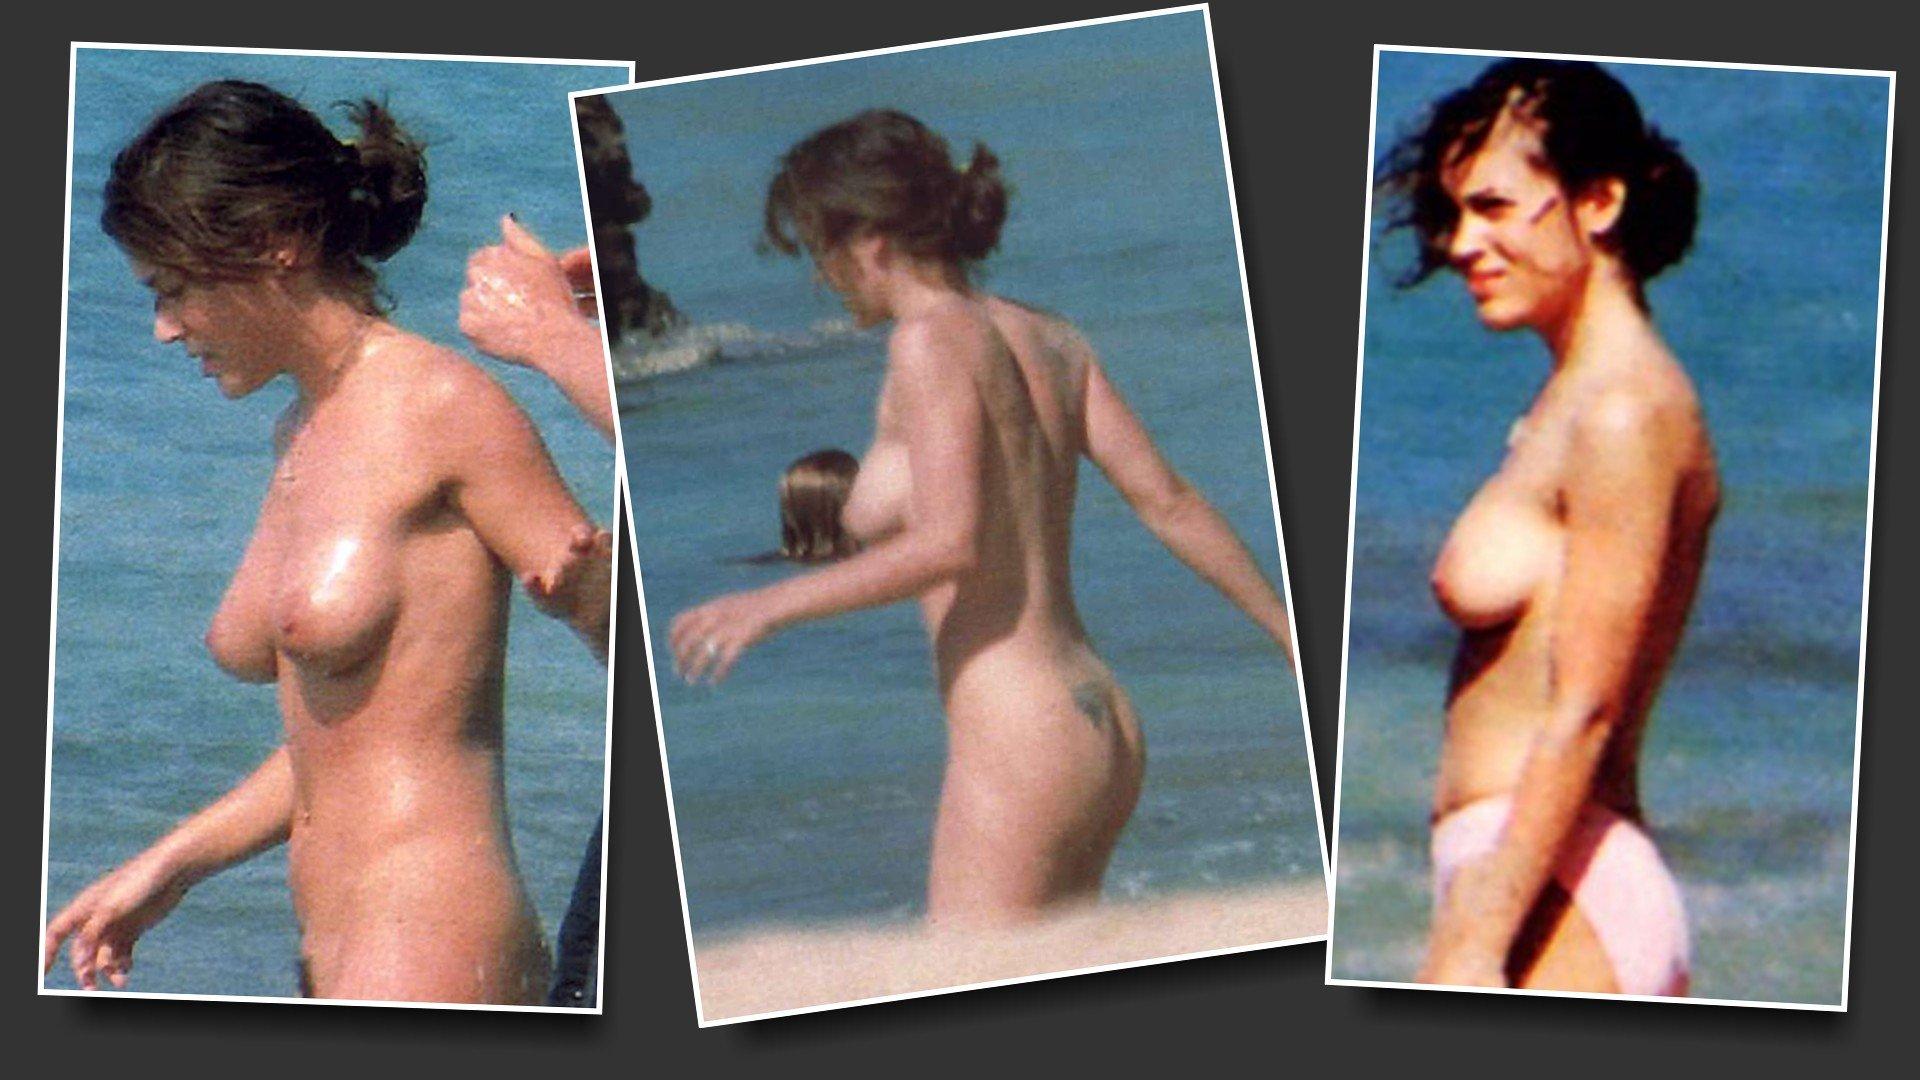 Alyssa milano naked porn scene